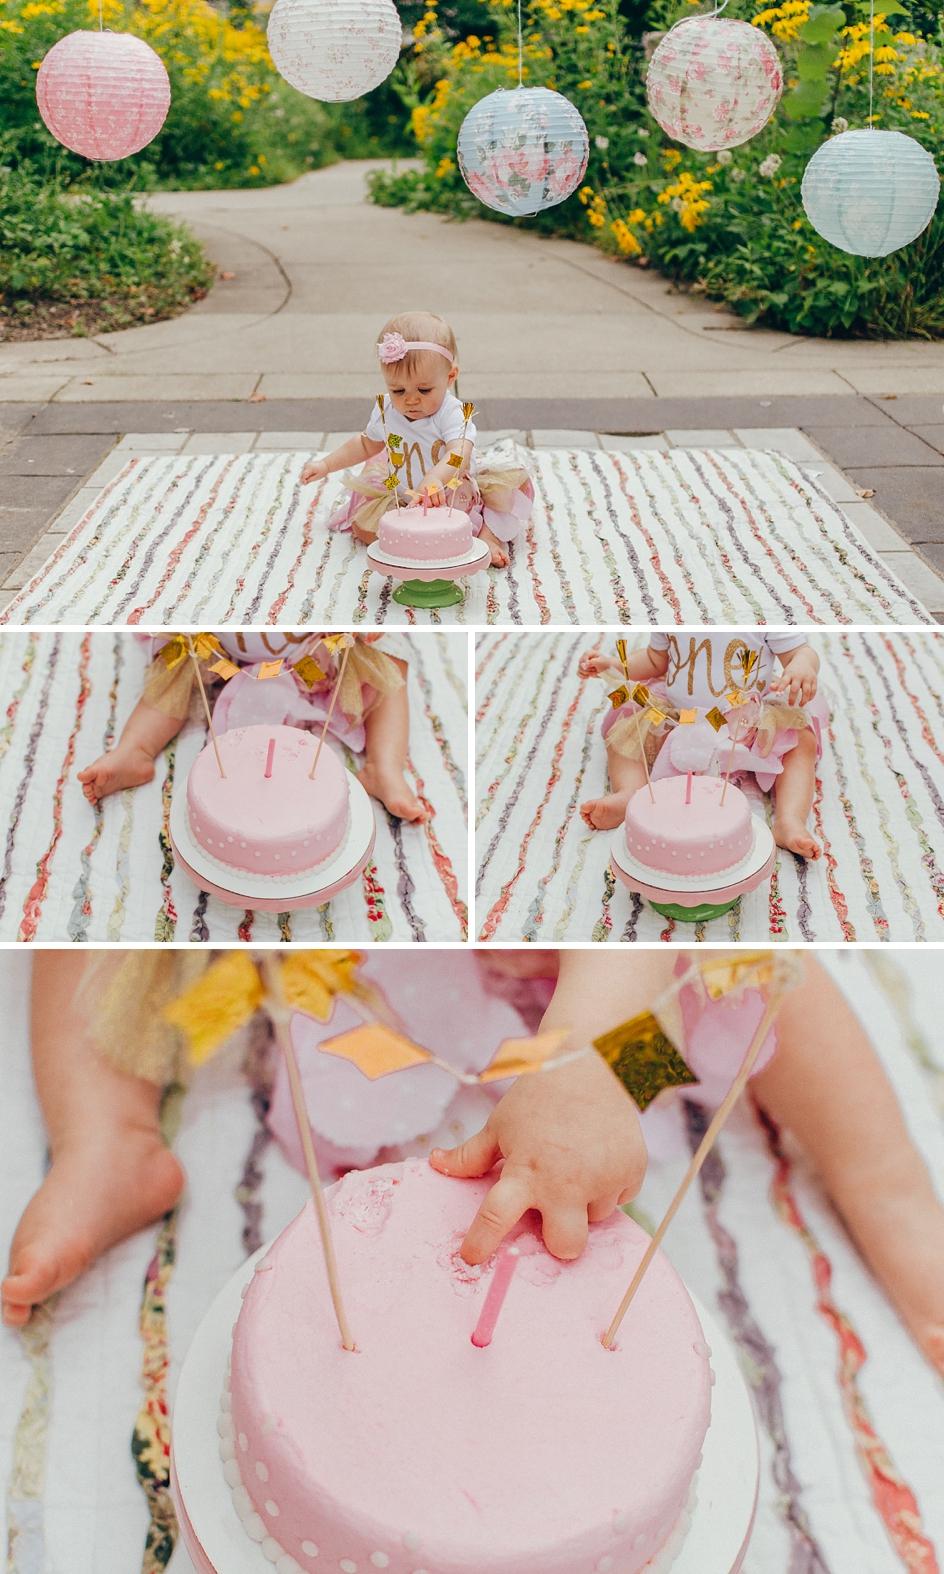 indianapolis-cake-smash-photographer_0014.jpg